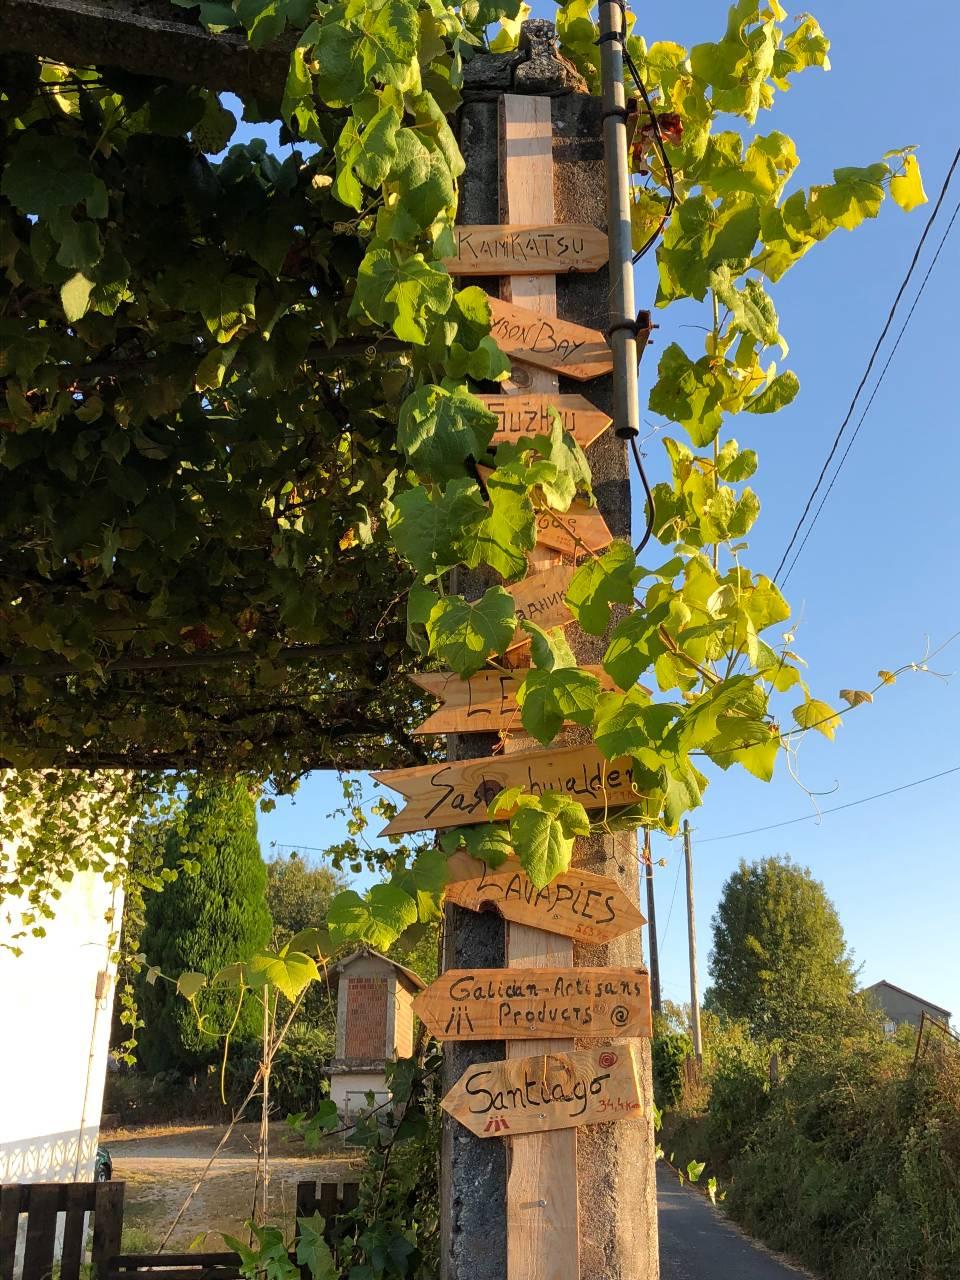 Holzpfeile bei Arzua